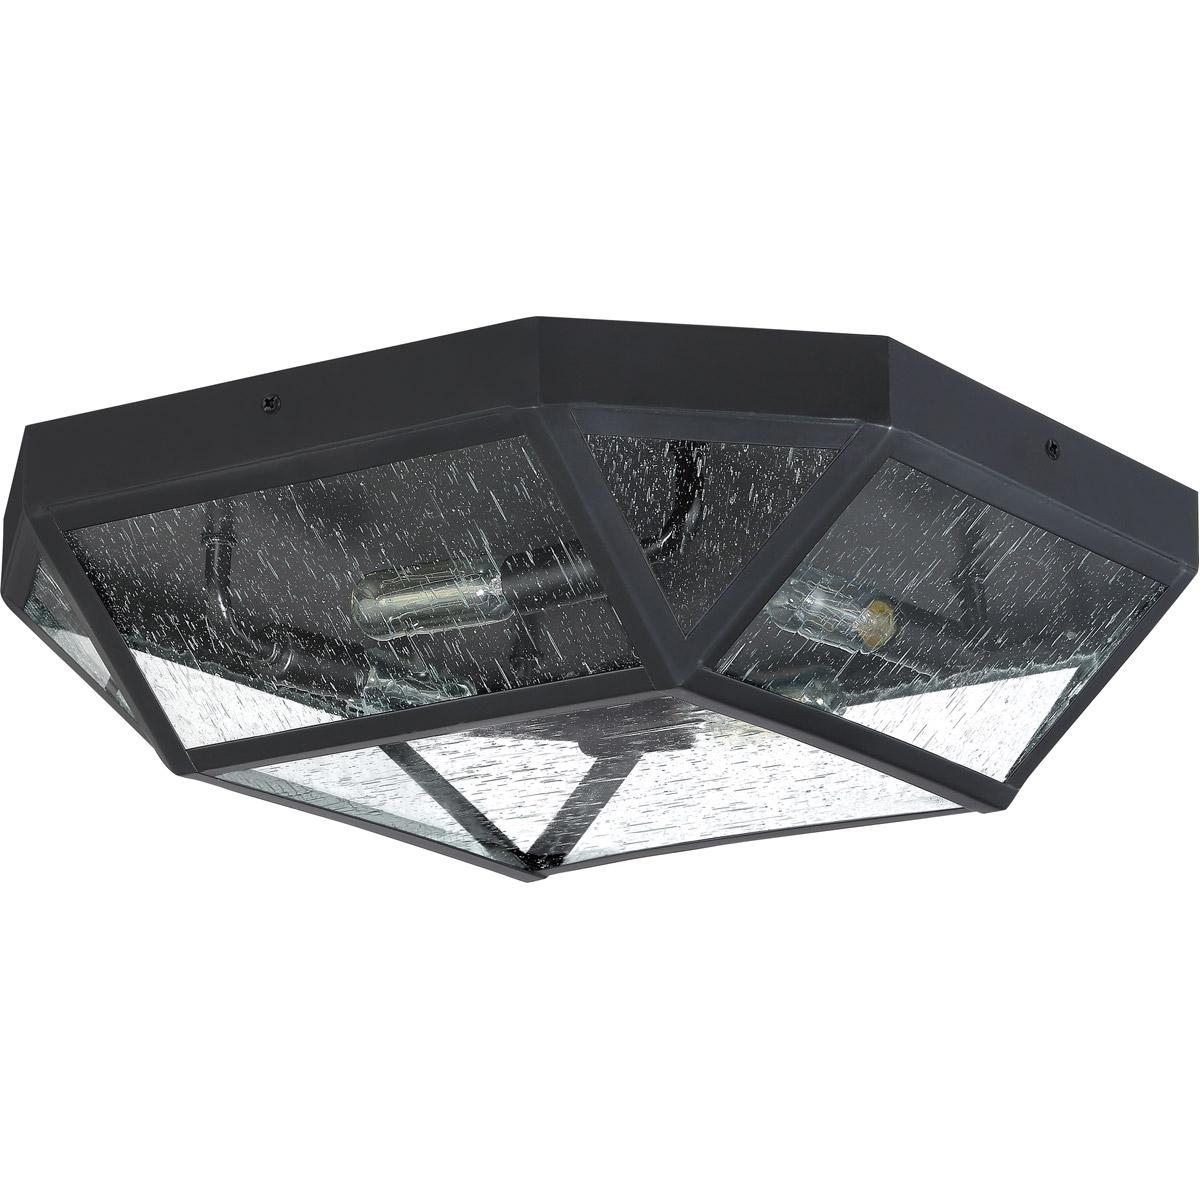 Details About Quoizel Qf4059k Pritchett 4 Light 18 Inch Mystic Black Flush Mount Ceiling Light